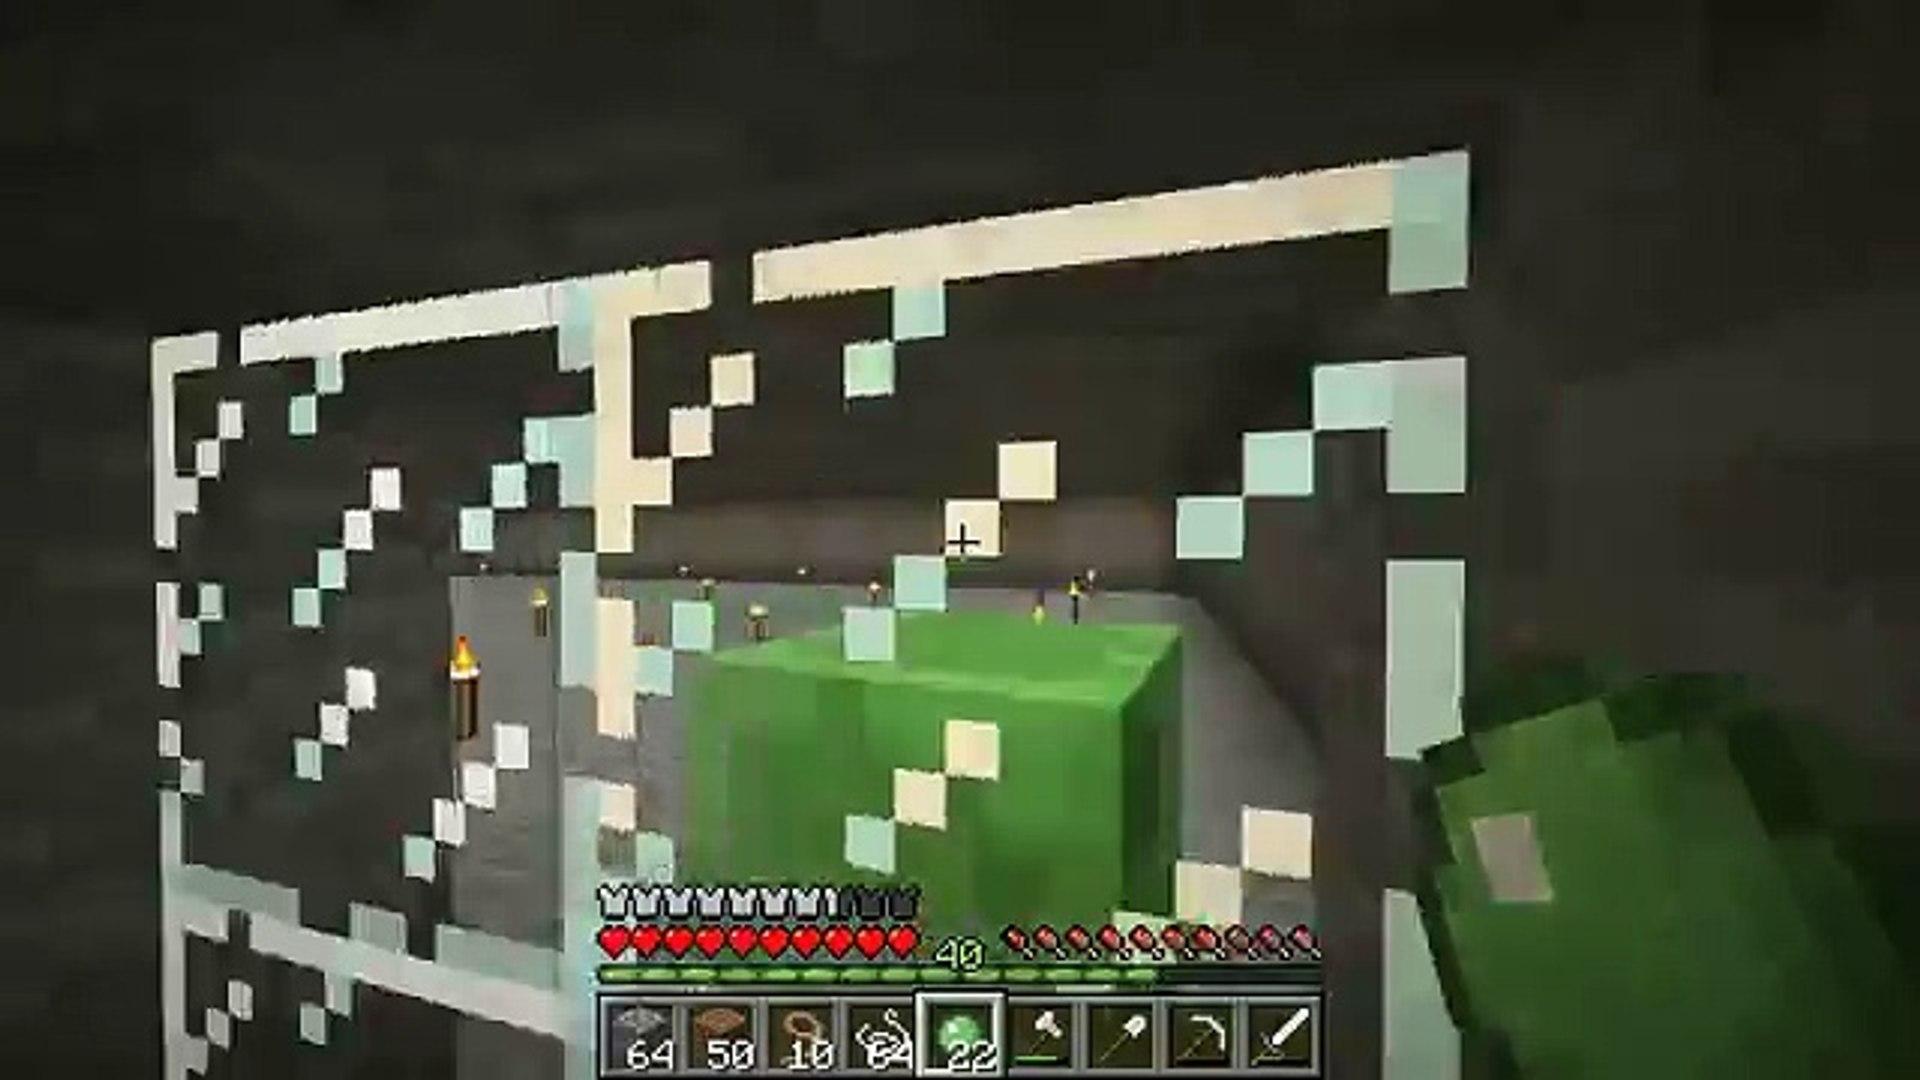 Mi En Uso Como Hacer Cuerda Minecraft 112 1112 111